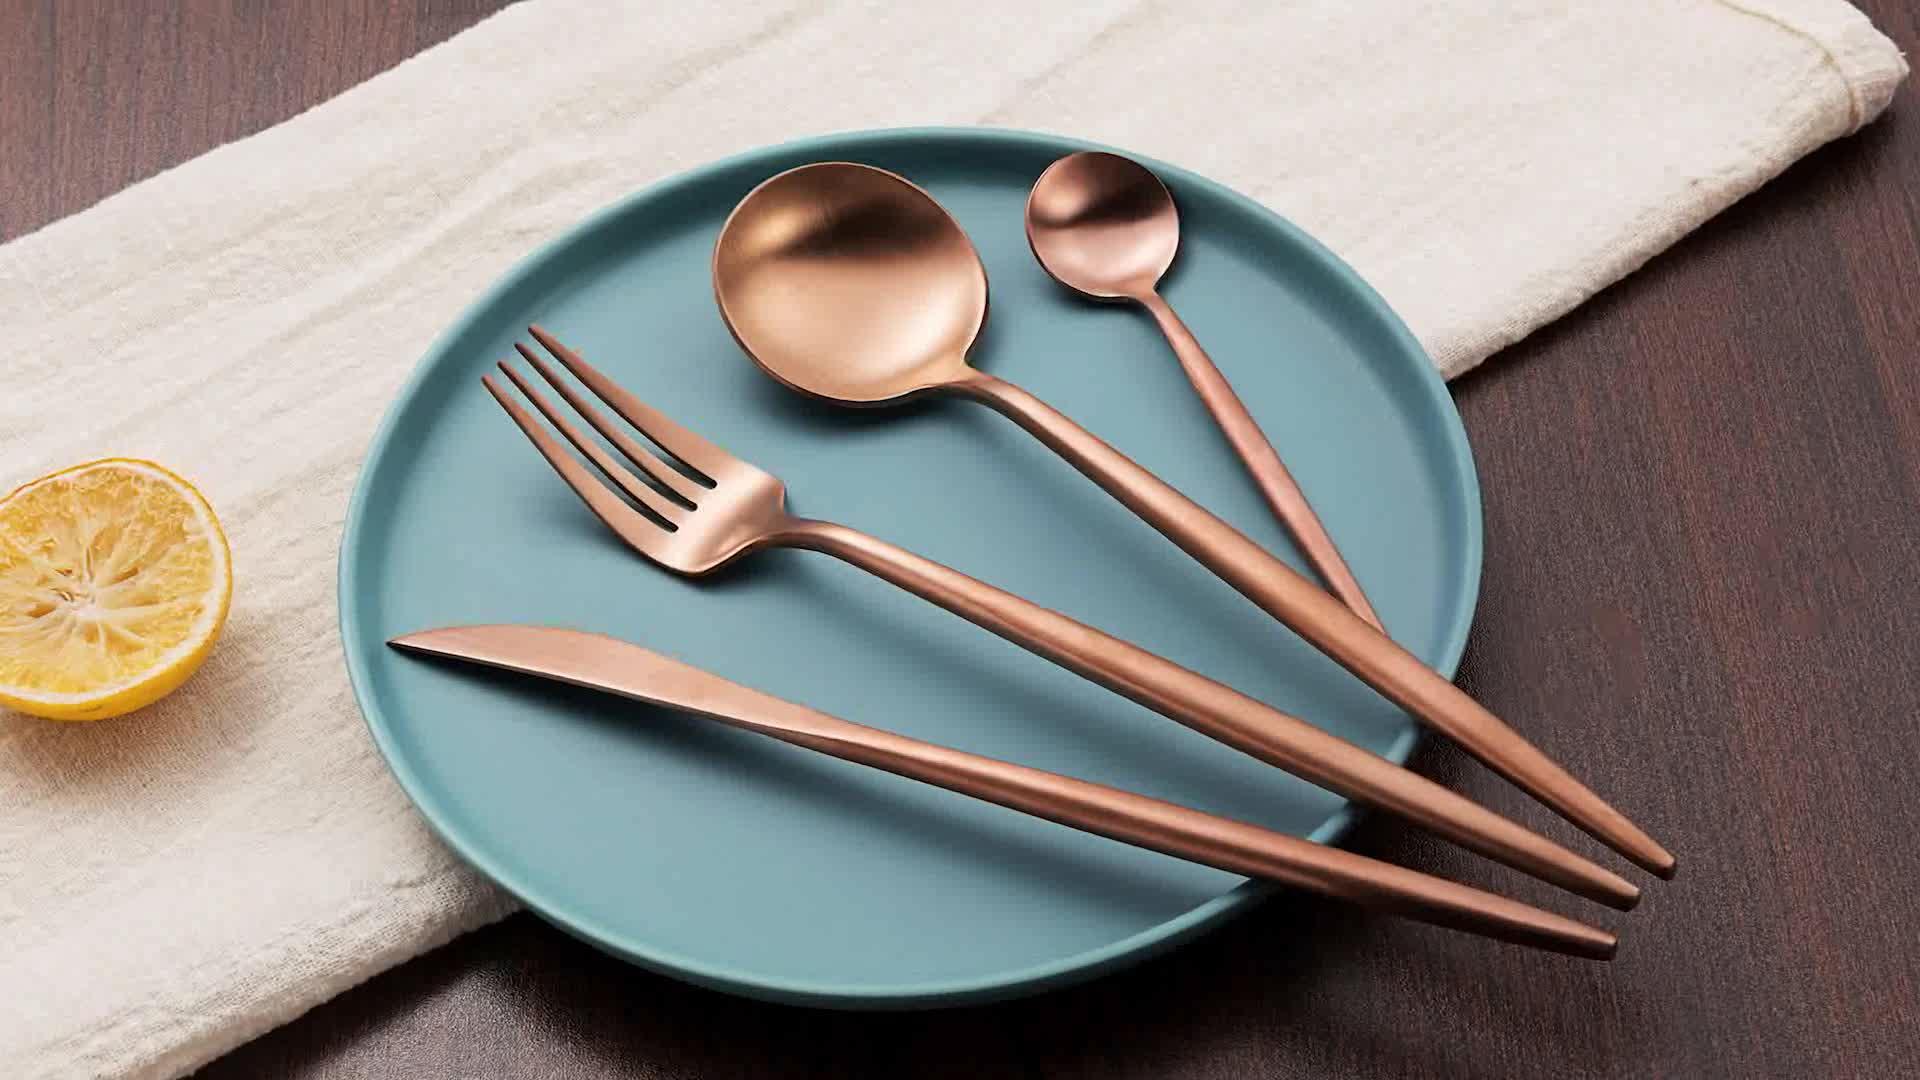 黒卸売 18/10 ステンレス鋼ポルトガルローズマットゴールドロイヤルウェディングギフトカトラリー、ナイフとフォーク、食器